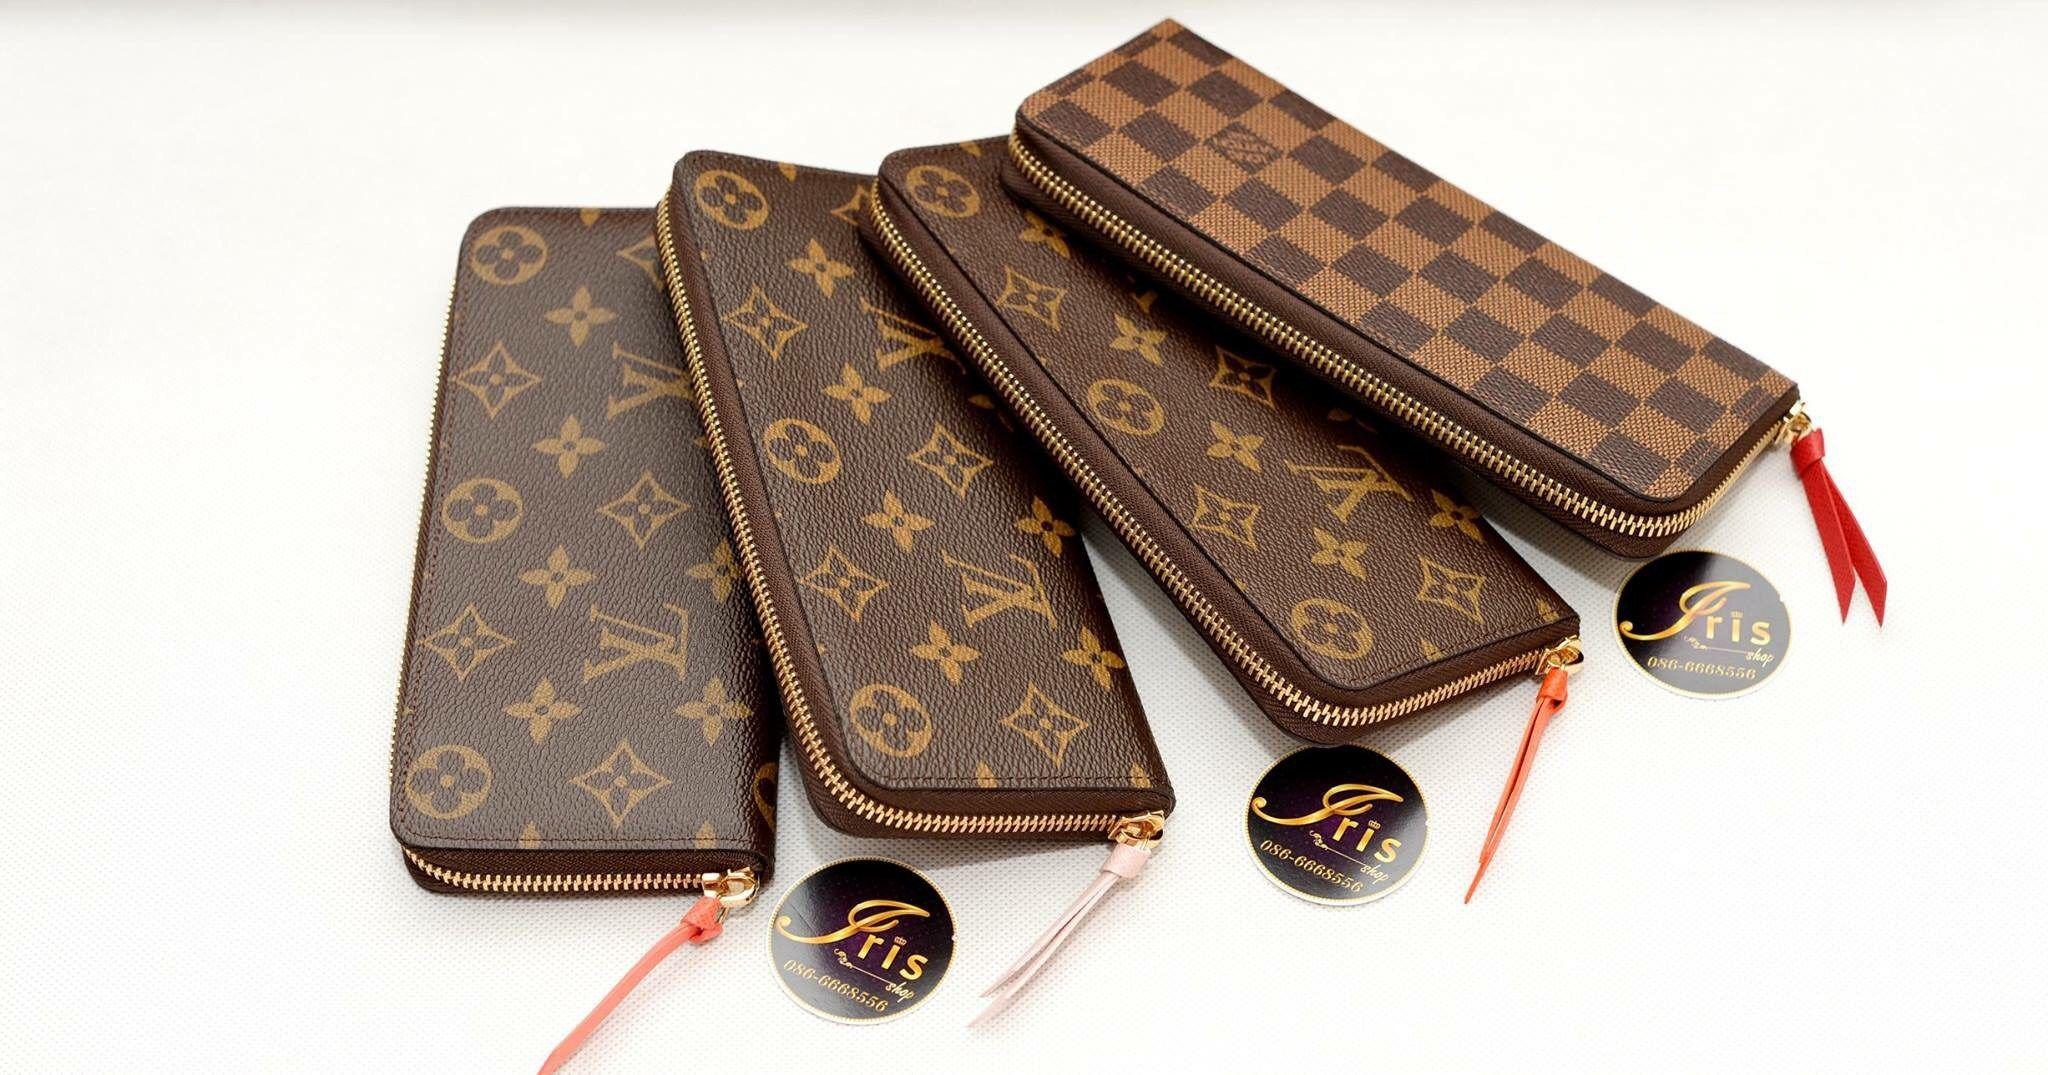 กระเป๋าเงิน LV Clemence Wallet กดเข้ามาเลือกชมกันเลยนะคะมีหลายสี  ของใหม่พร้อมส่งเลยจ๊ะ‼ - Iris Shop cf324aca3fe